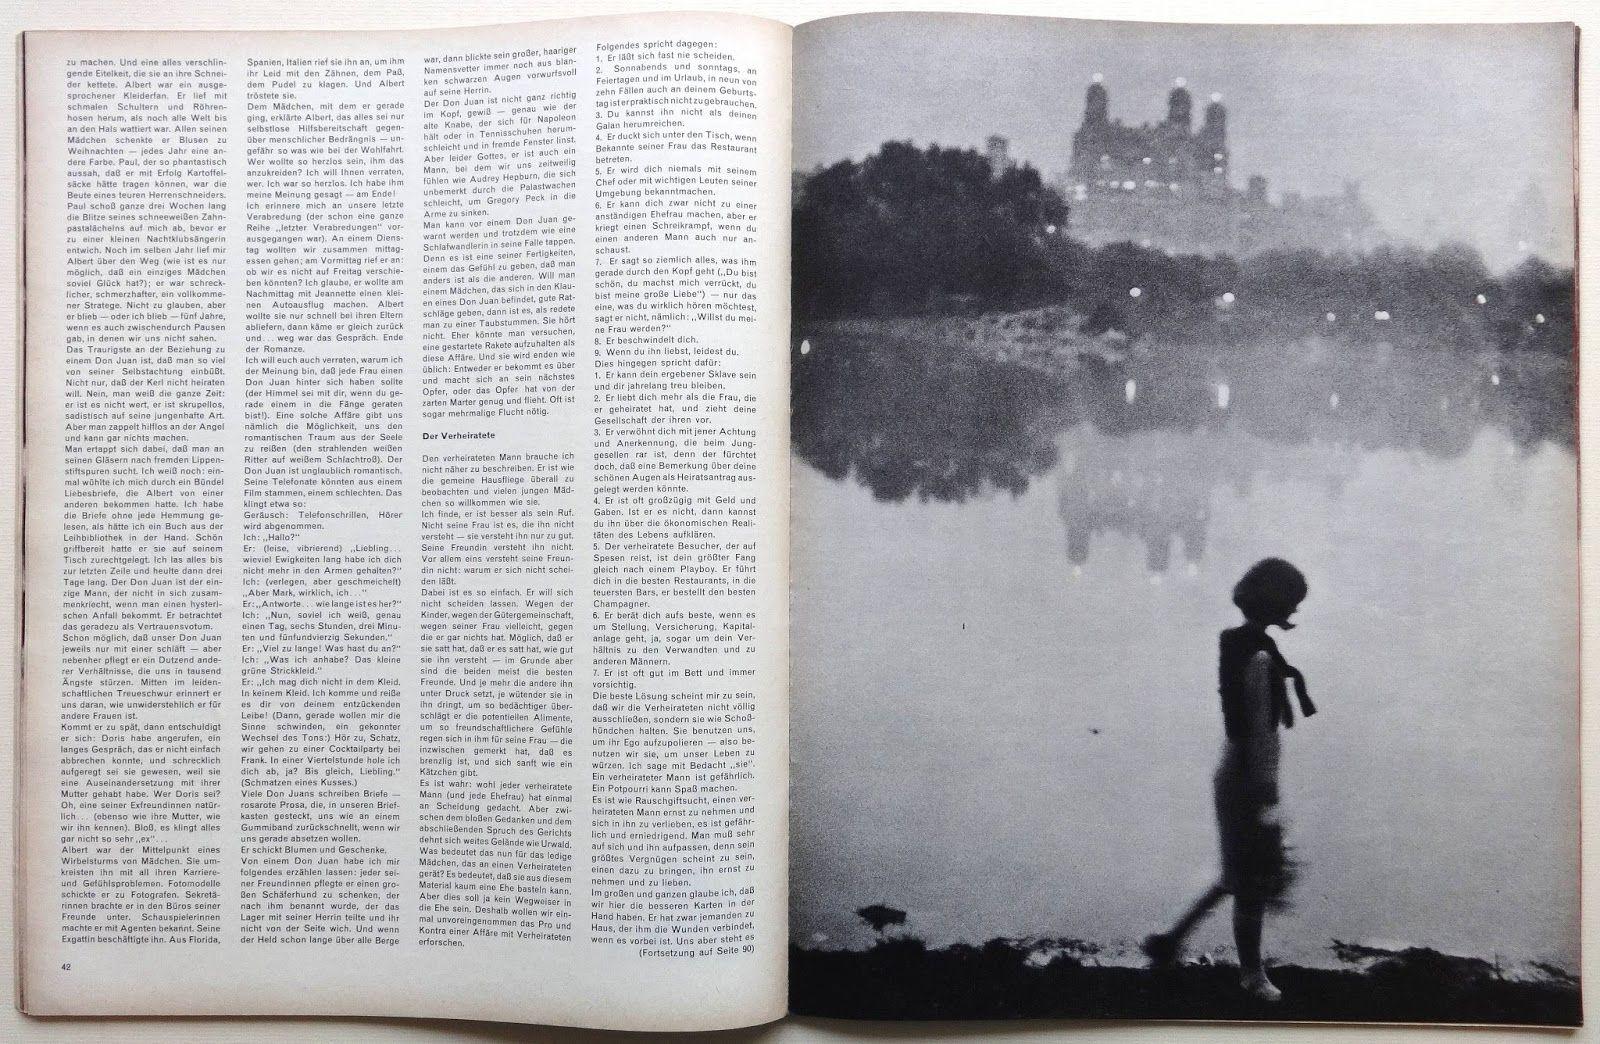 twen issue 6 1963